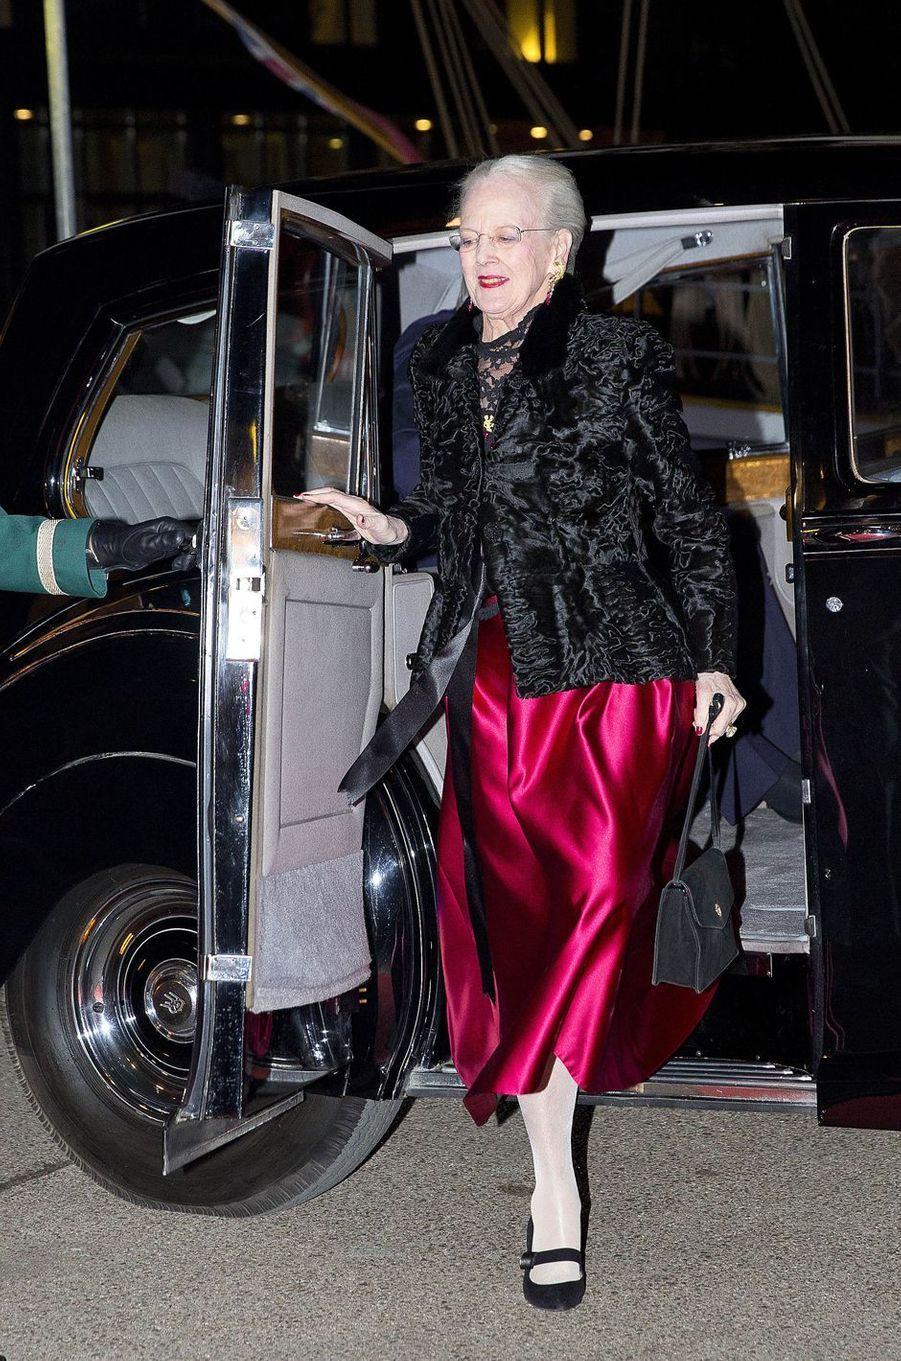 La reine Margrethe II de Danemark à Copenhague, le 25 janvier 2017